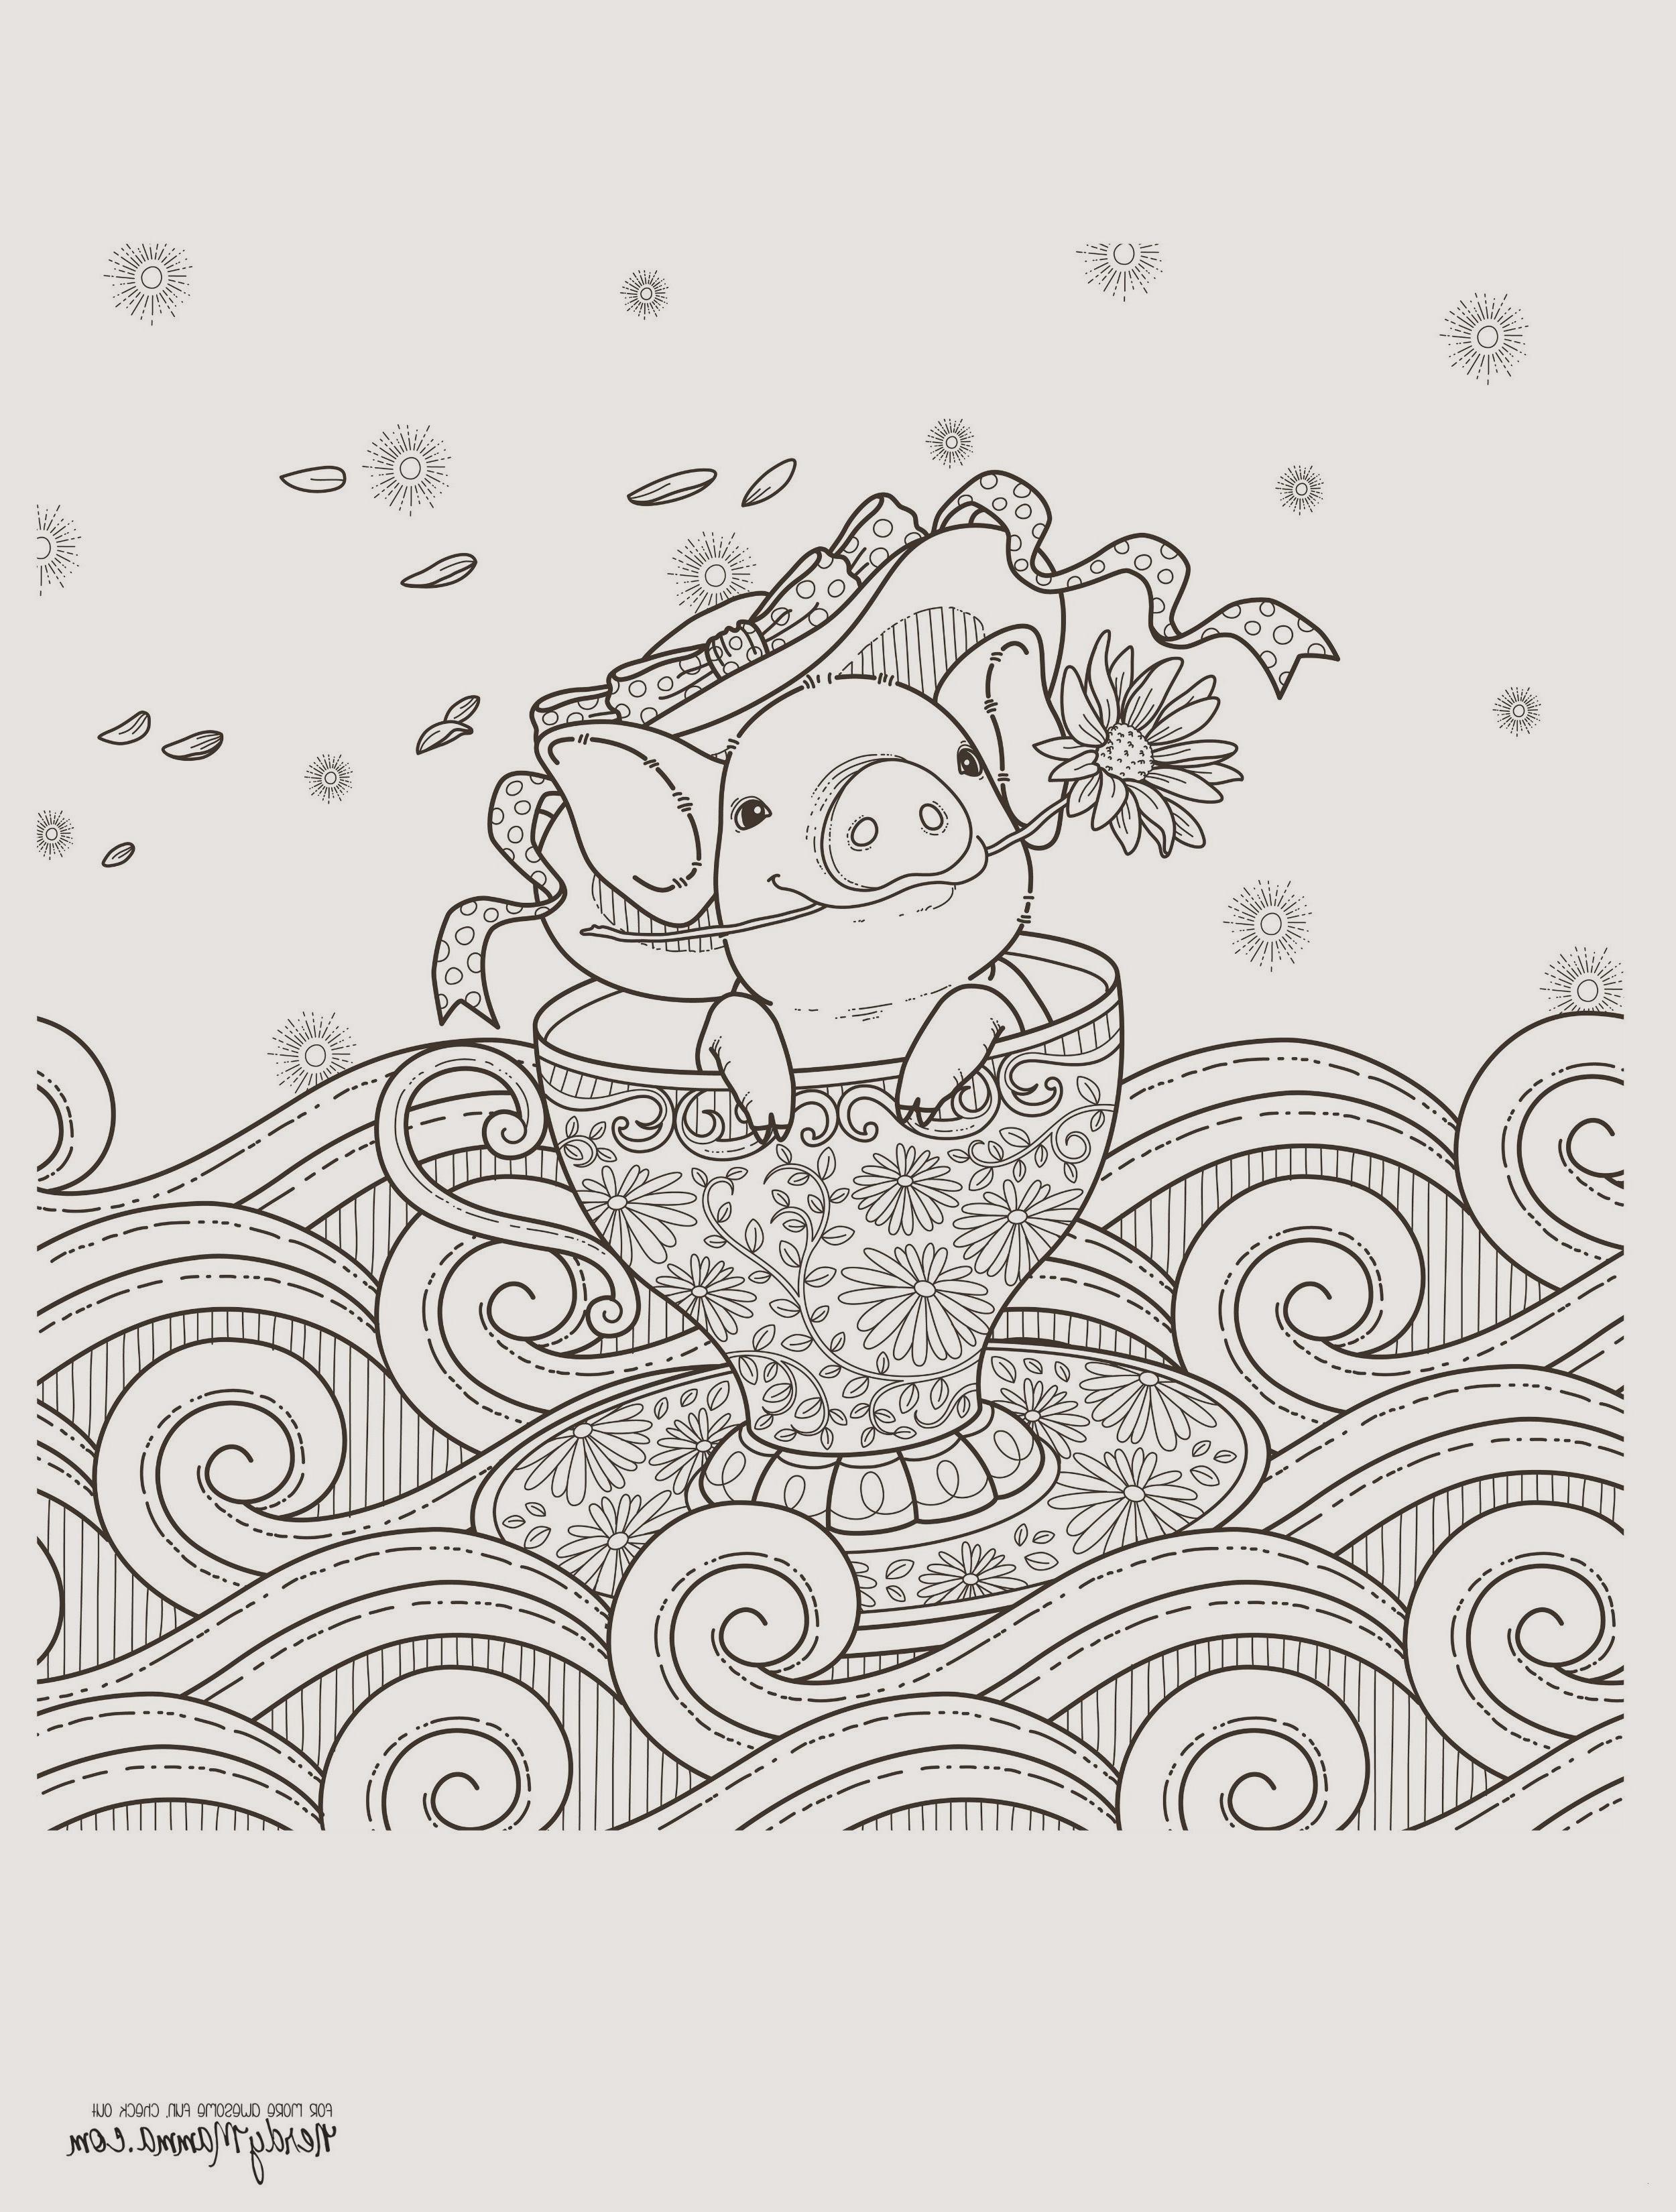 Ausmalbilder Für Kinder Frisch 31 Kostenlose Ausmalbilder Mandala Für Erwachsene Neuste Stock